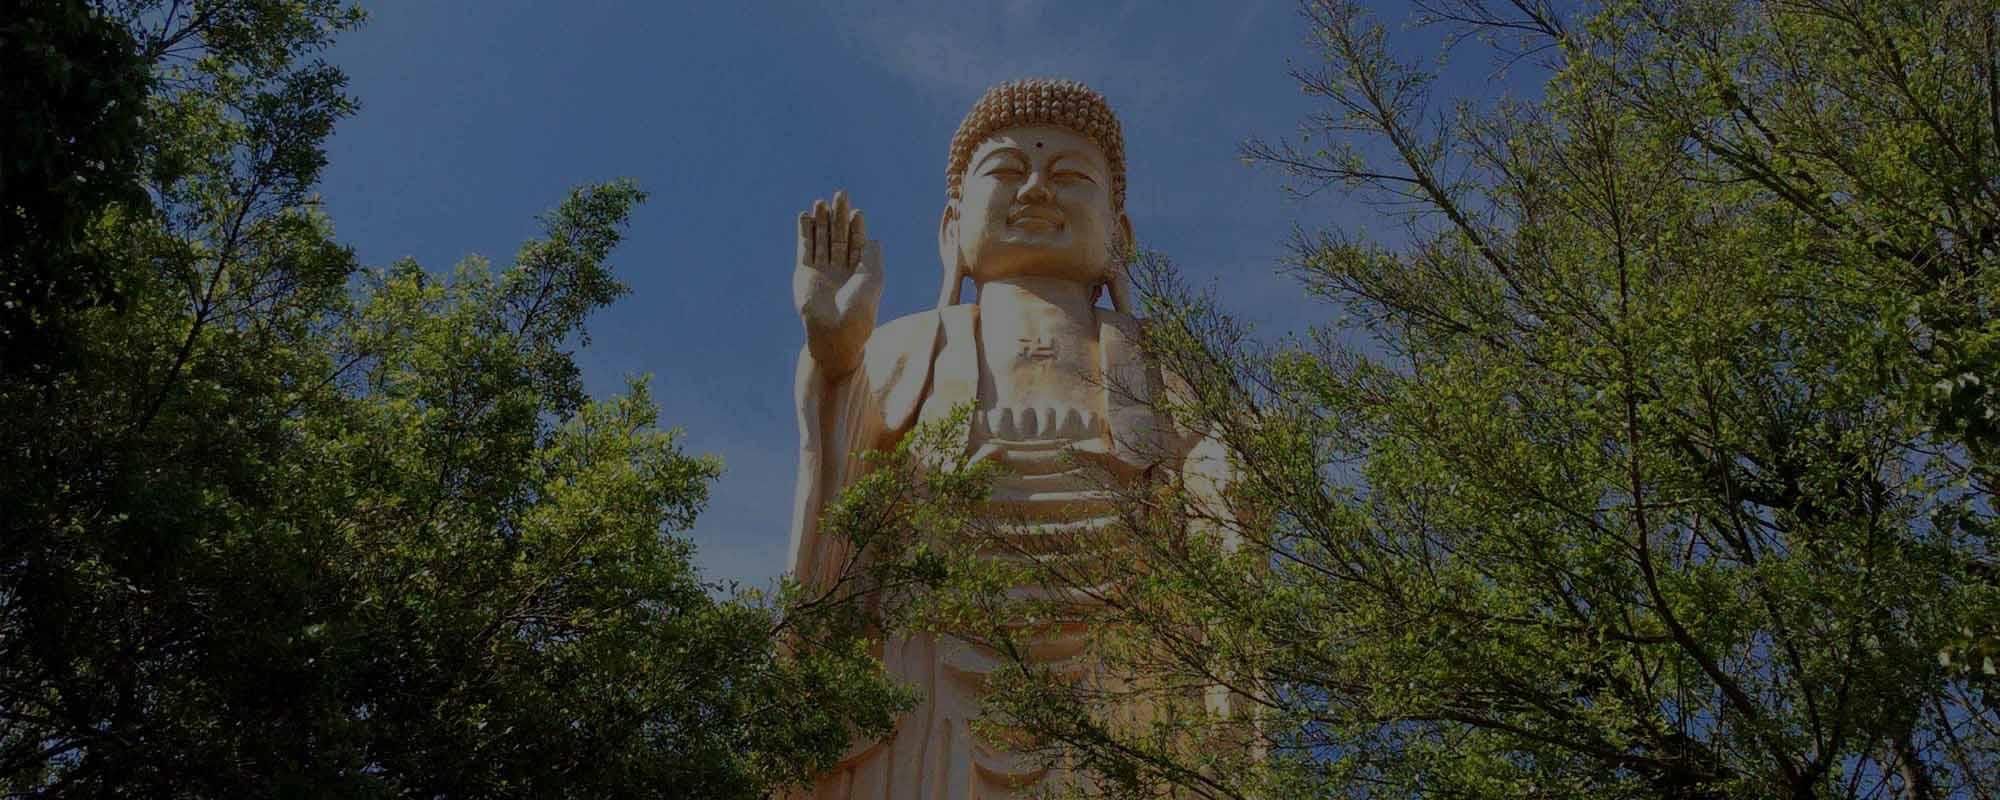 Tayvan'ı Ziyaret Ettiğinizde Mutlaka Yapmanız Gerekenler